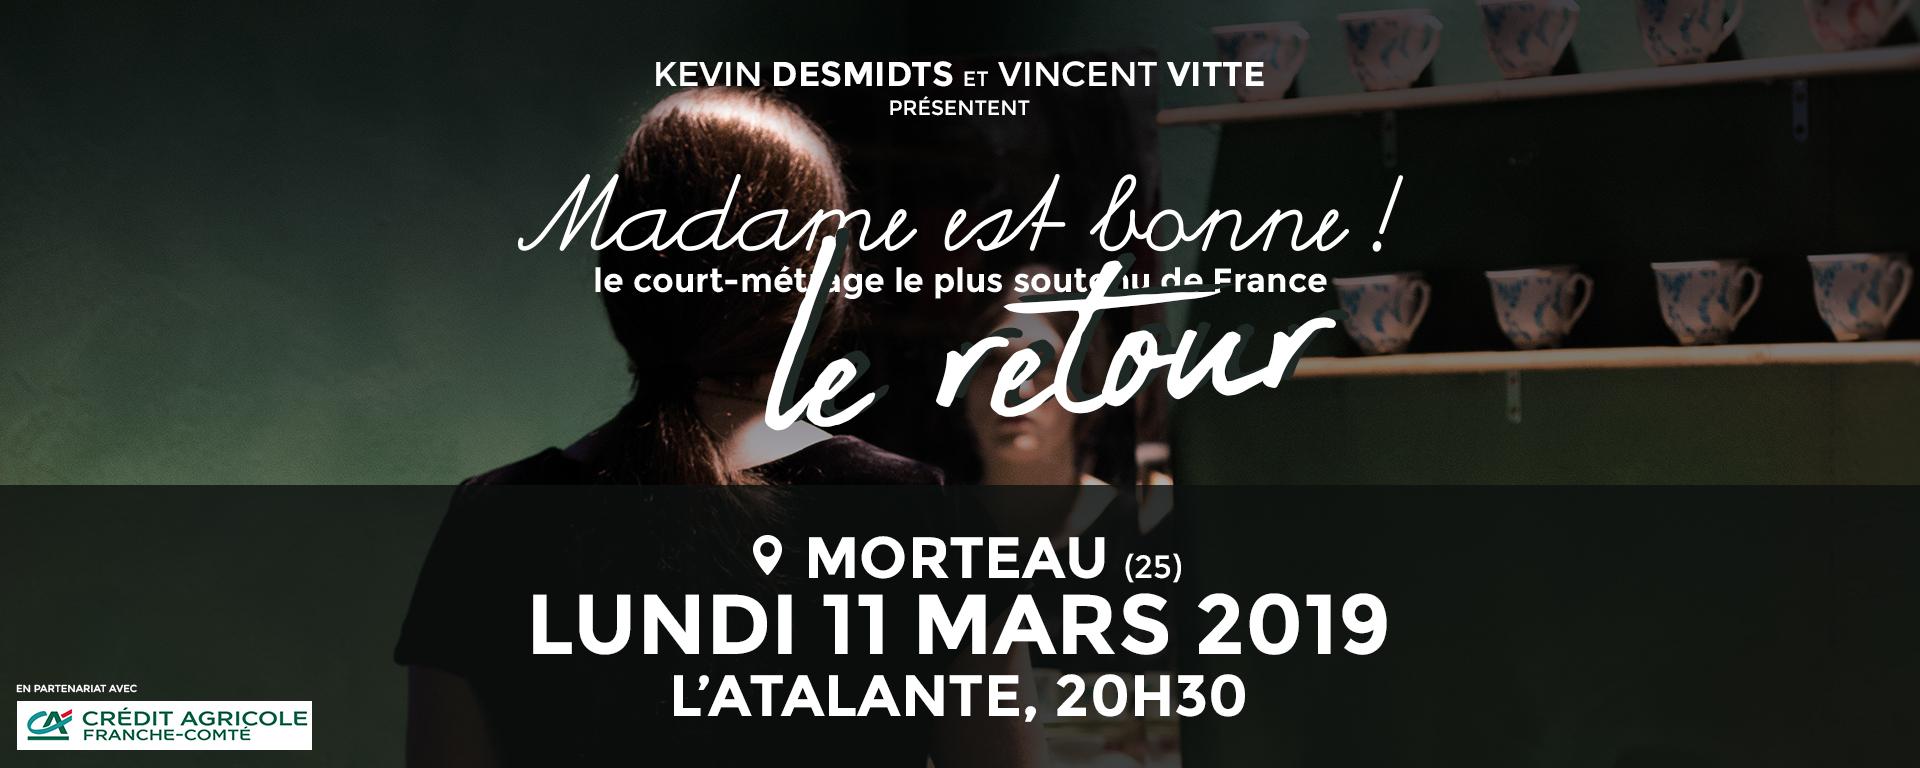 Madame est bonne : le retour ! Le 11 mars 2019 à 20h30 à l'Atalante (Morteau, 25)